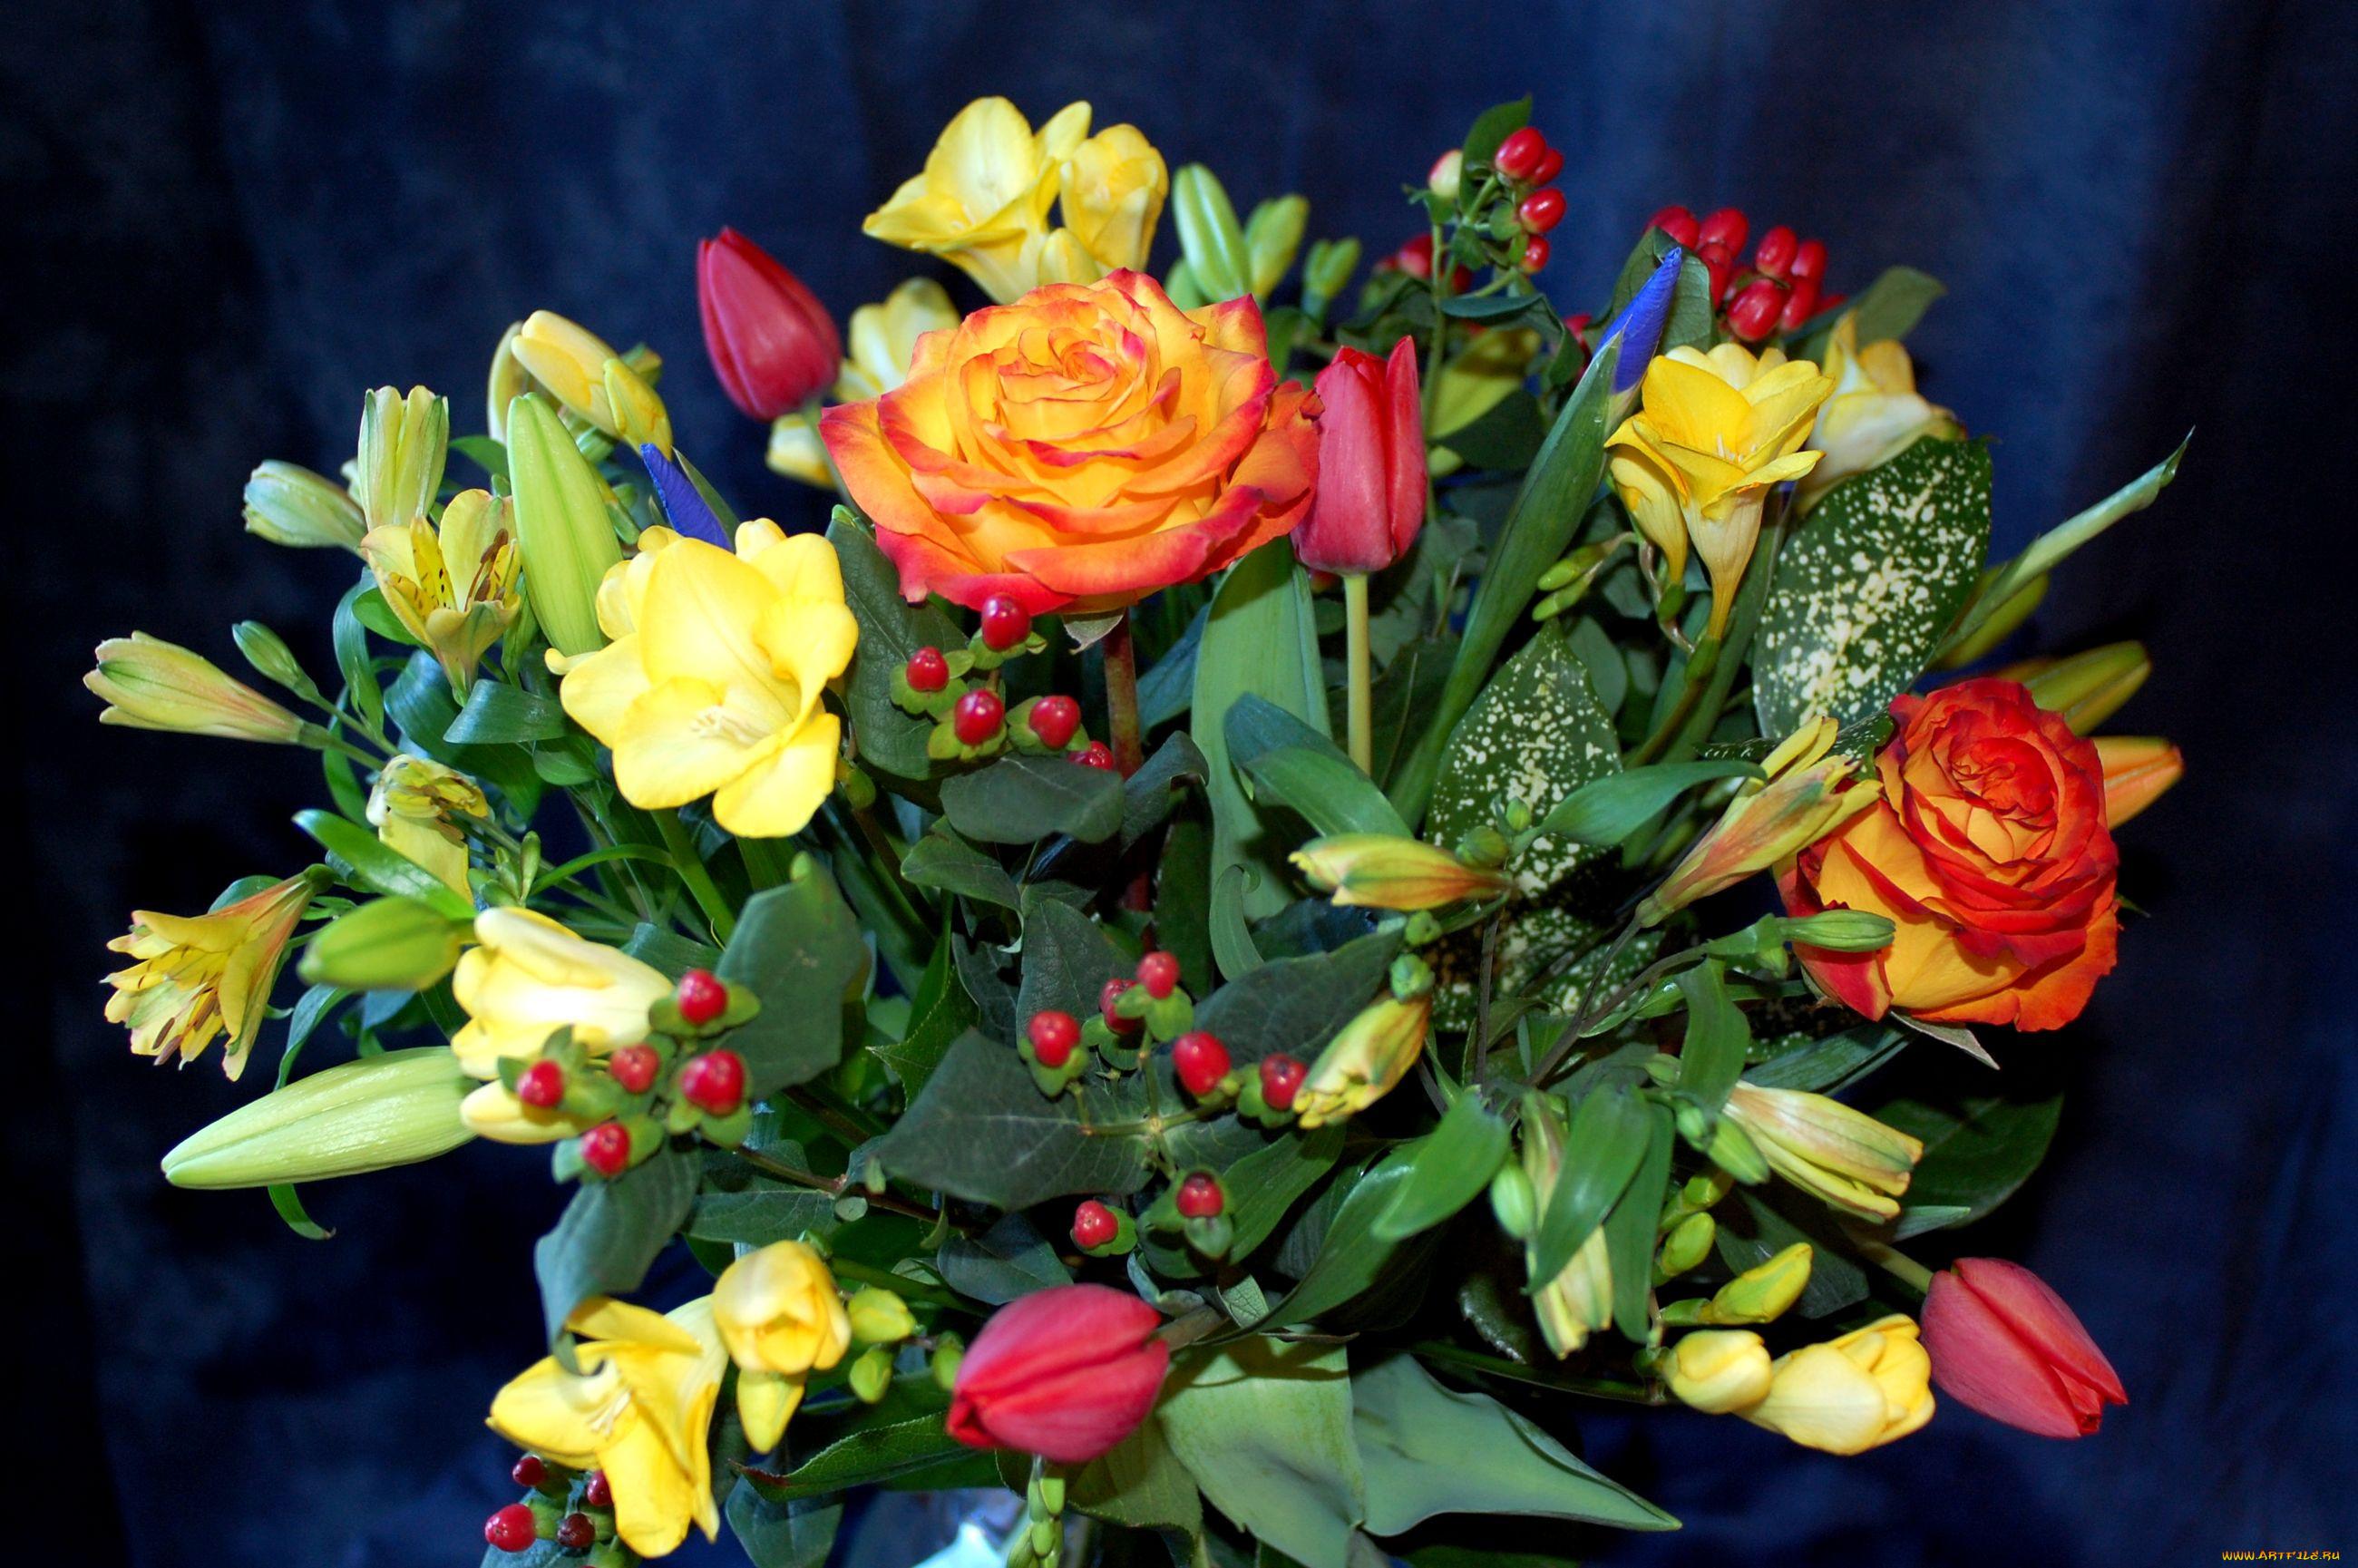 часть представленных цветы картинки букеты роз и тюльпанов фон красивые пожелания